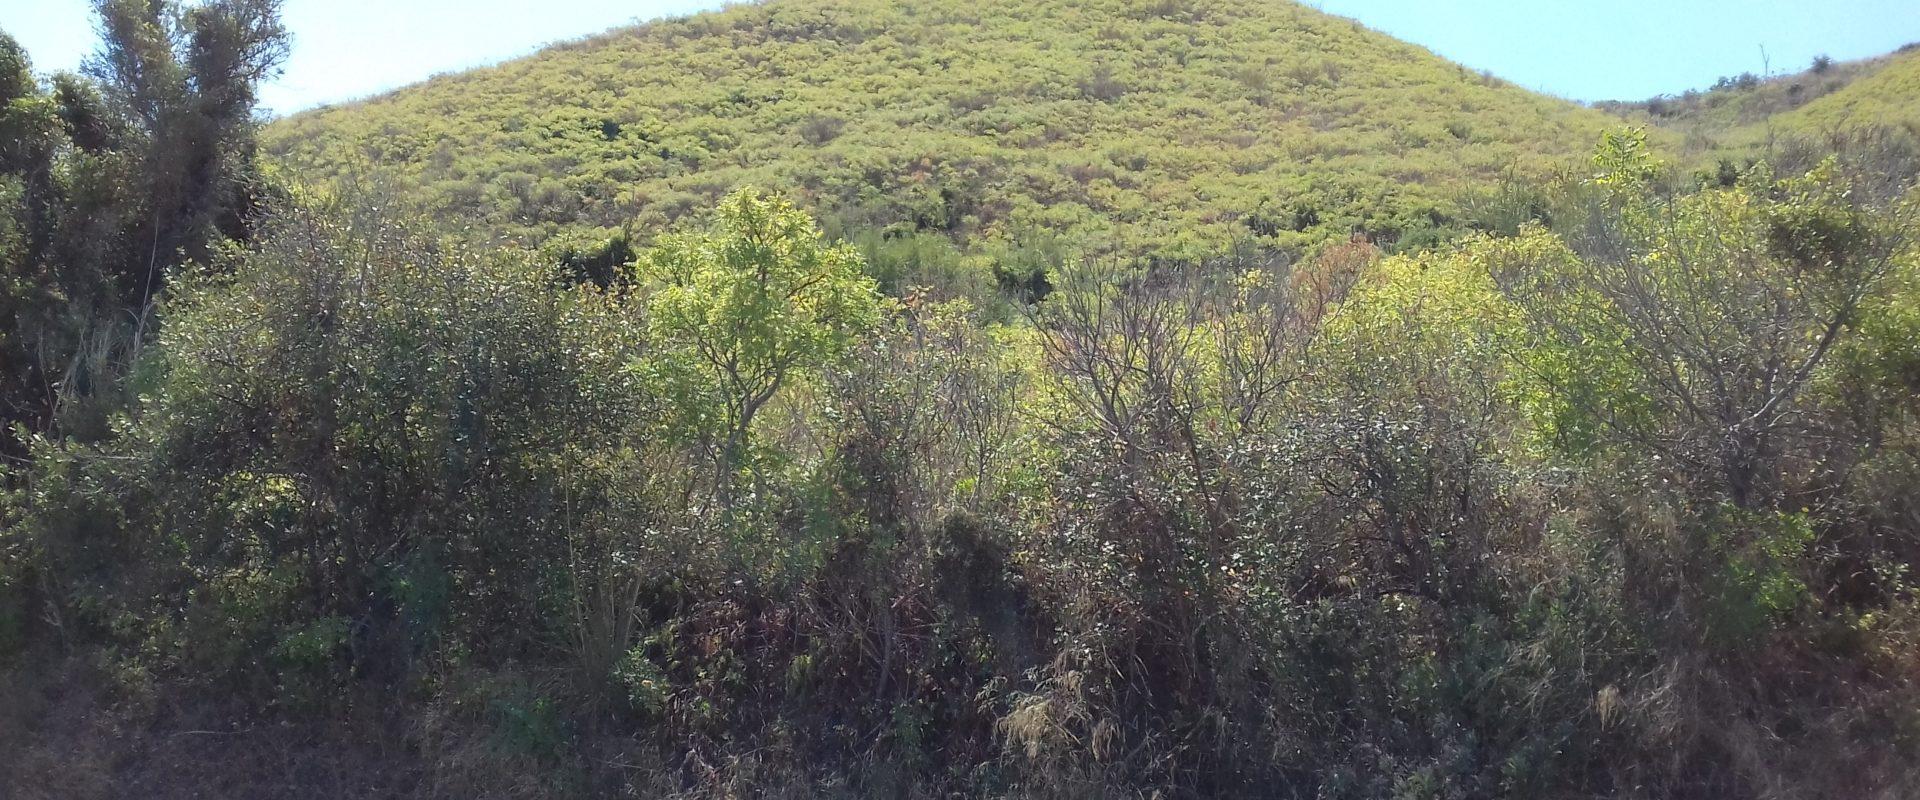 Terreno agricolo in vendita pressi Timpazzi